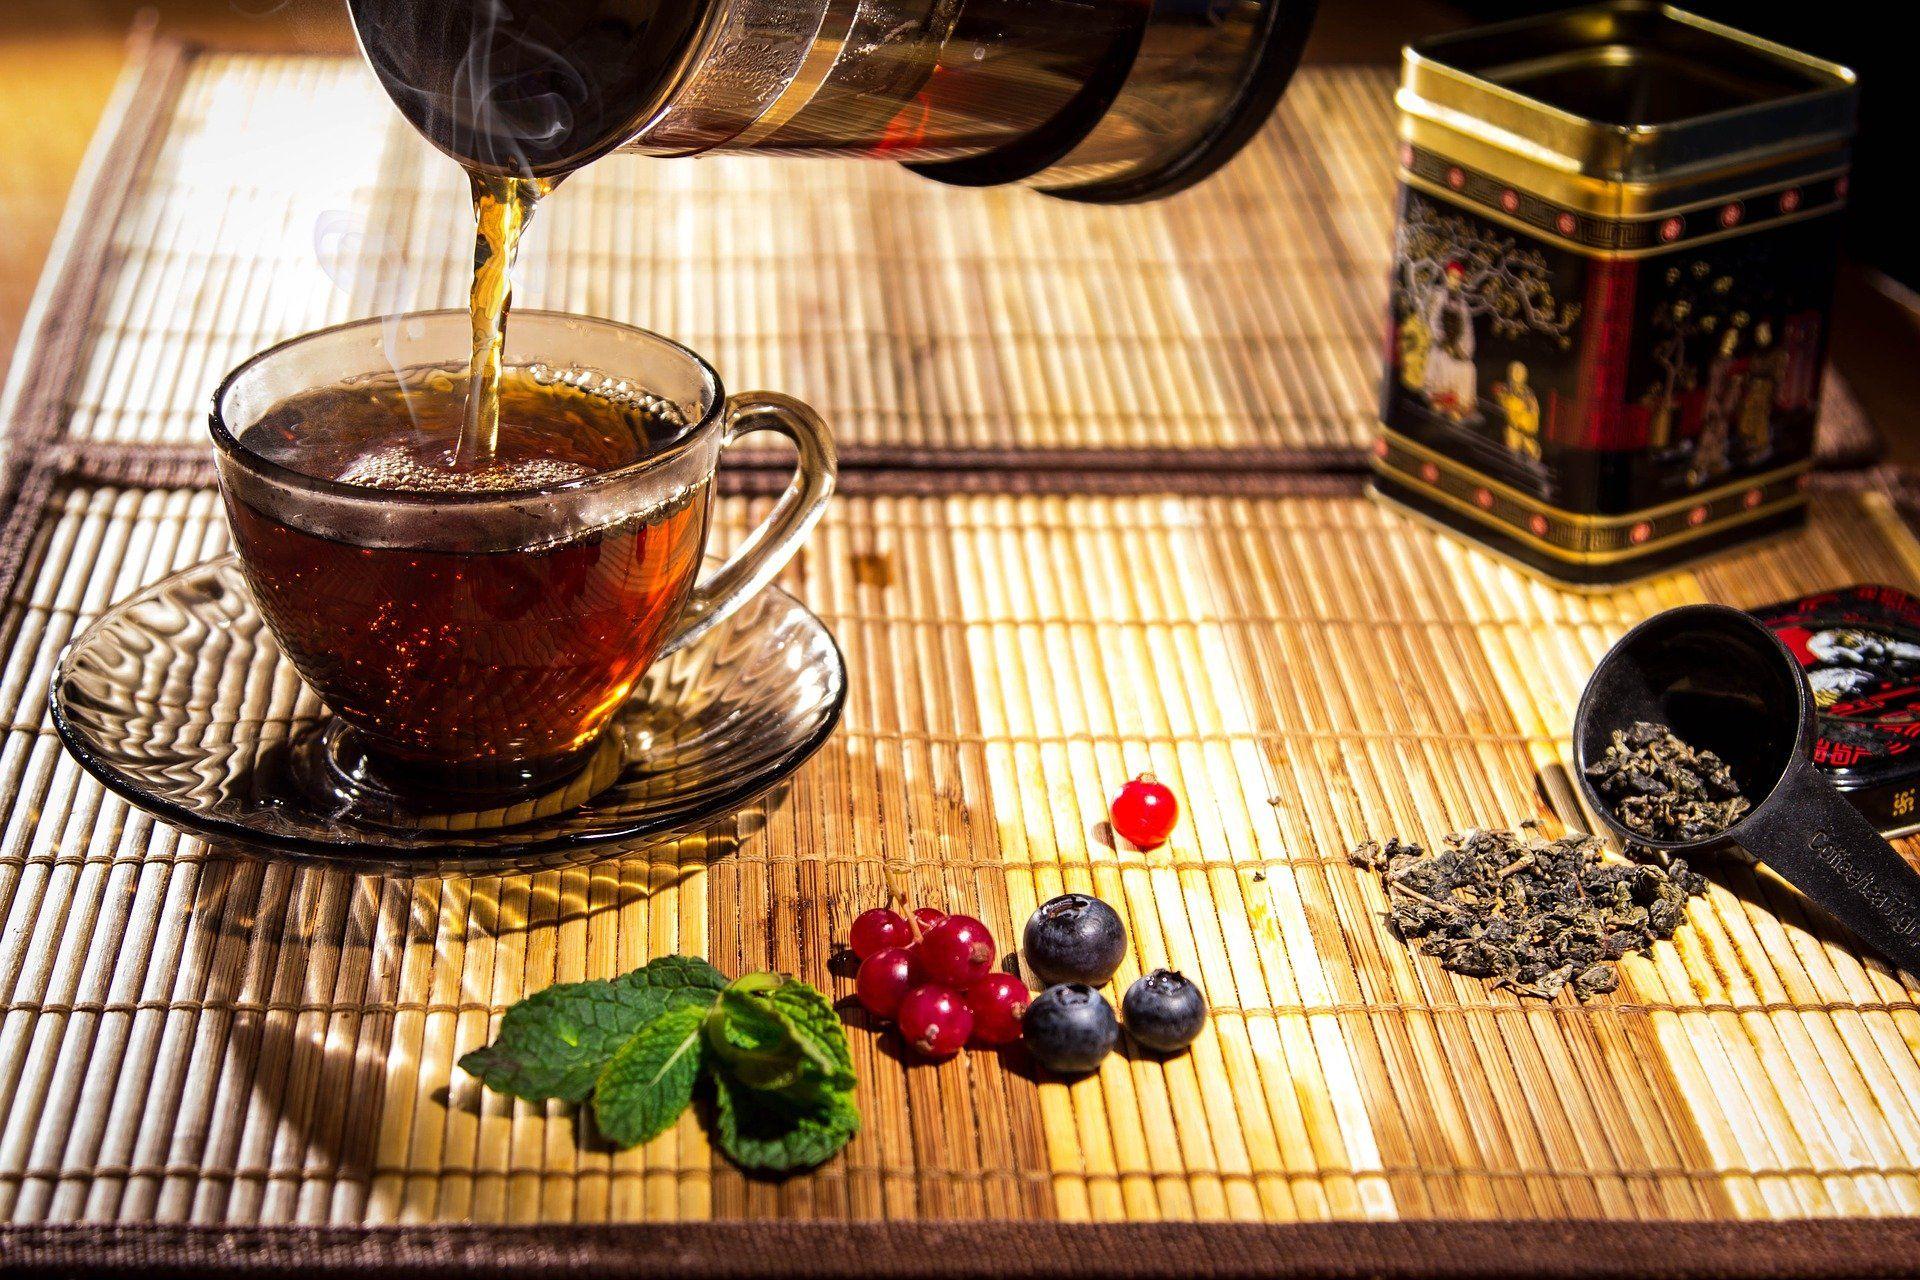 Magen Darm Tee trinken